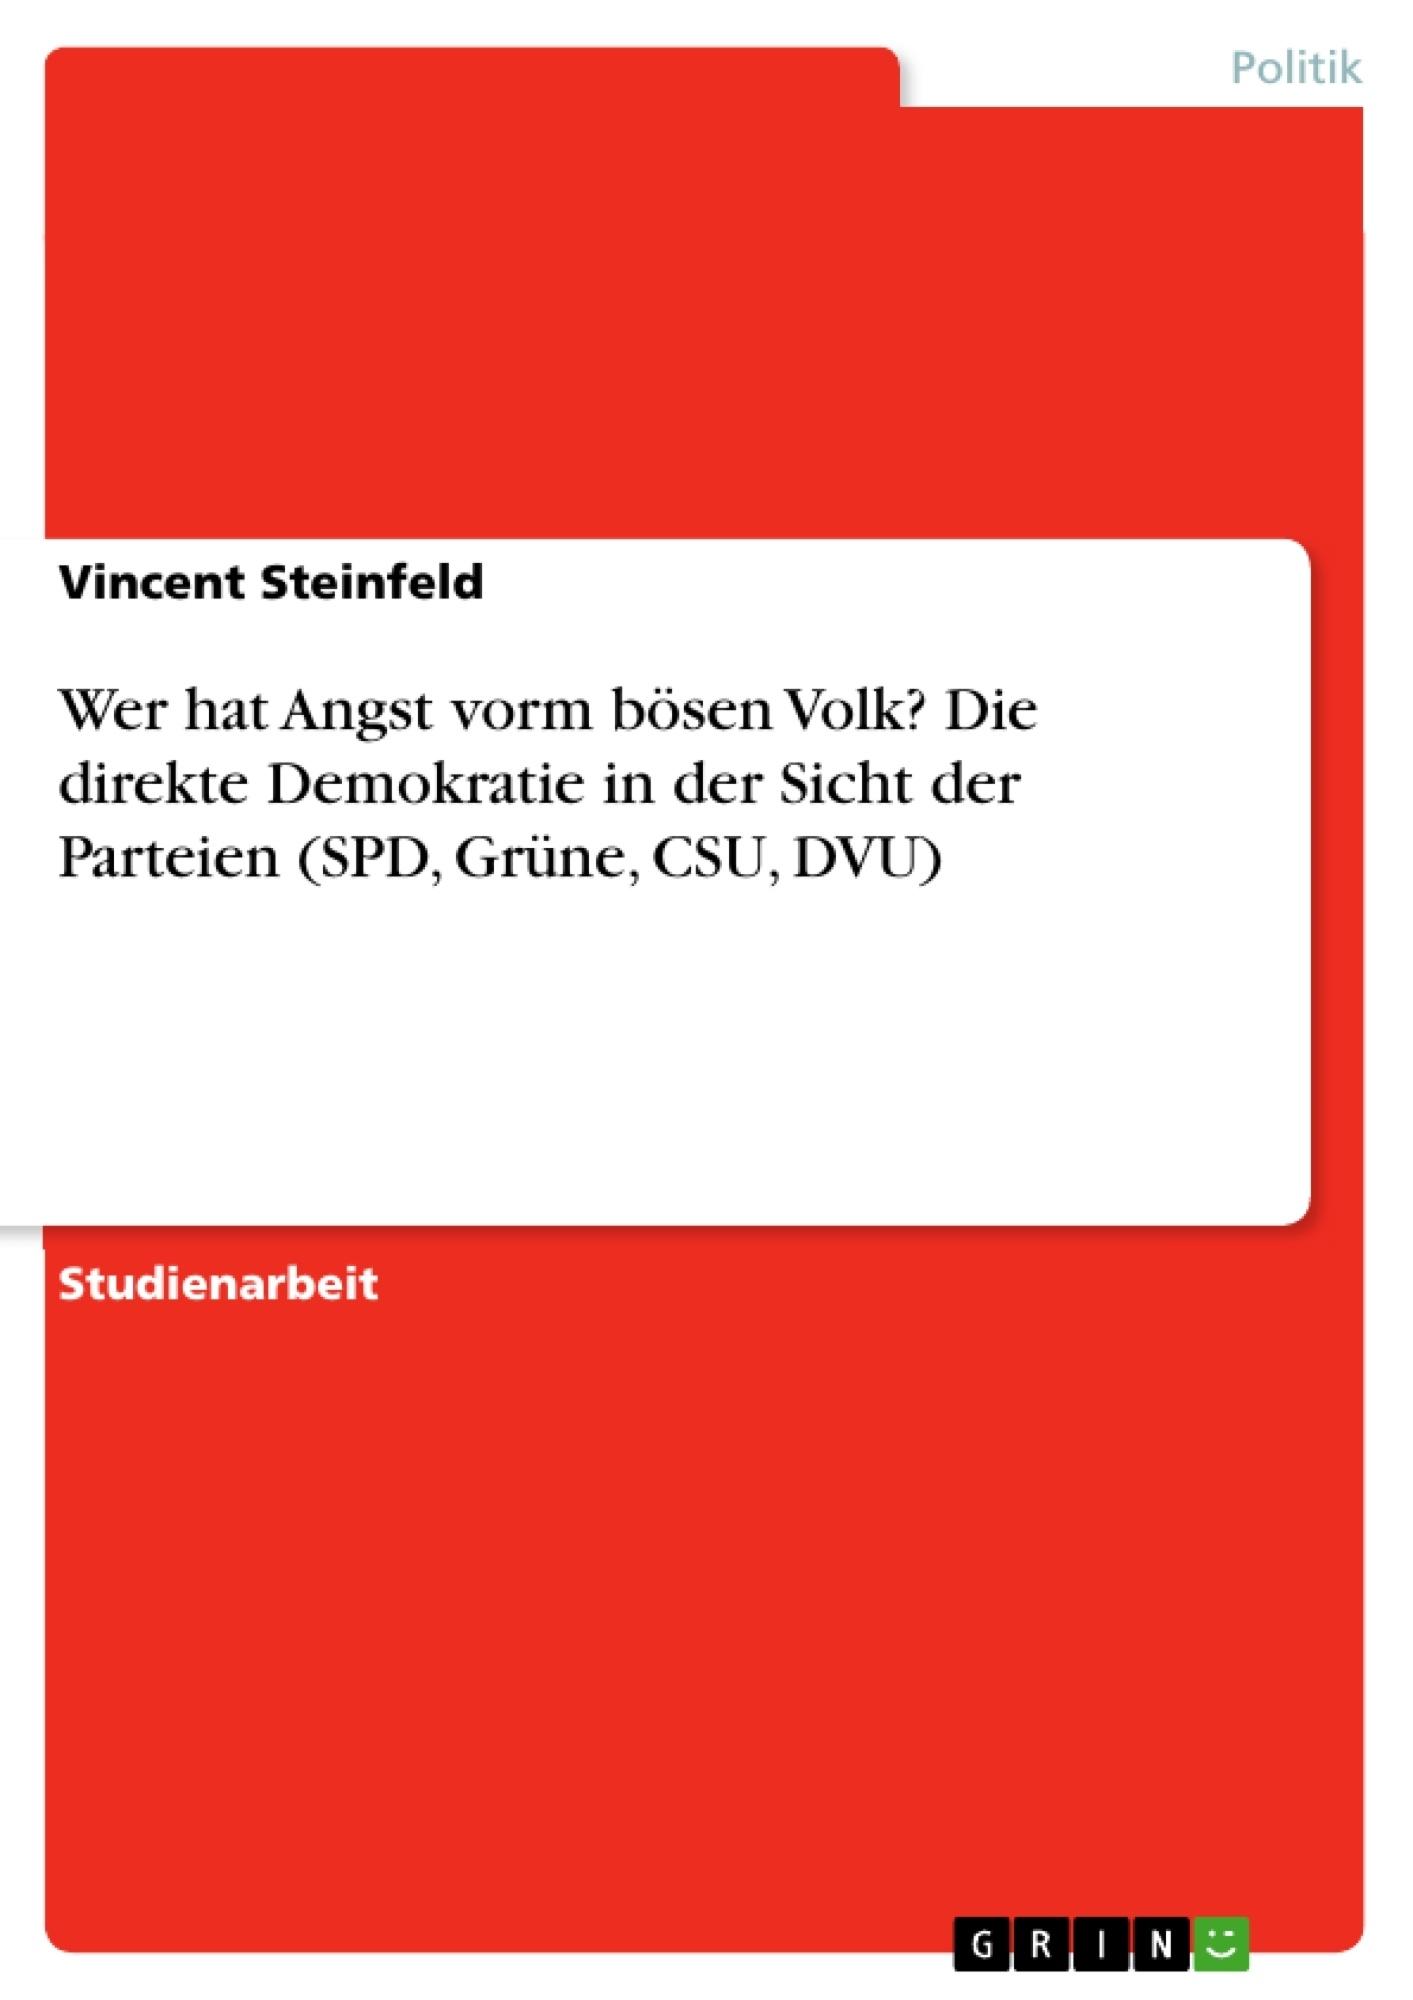 Titel: Wer hat Angst vorm bösen Volk? Die direkte Demokratie in der Sicht der Parteien (SPD, Grüne, CSU, DVU)